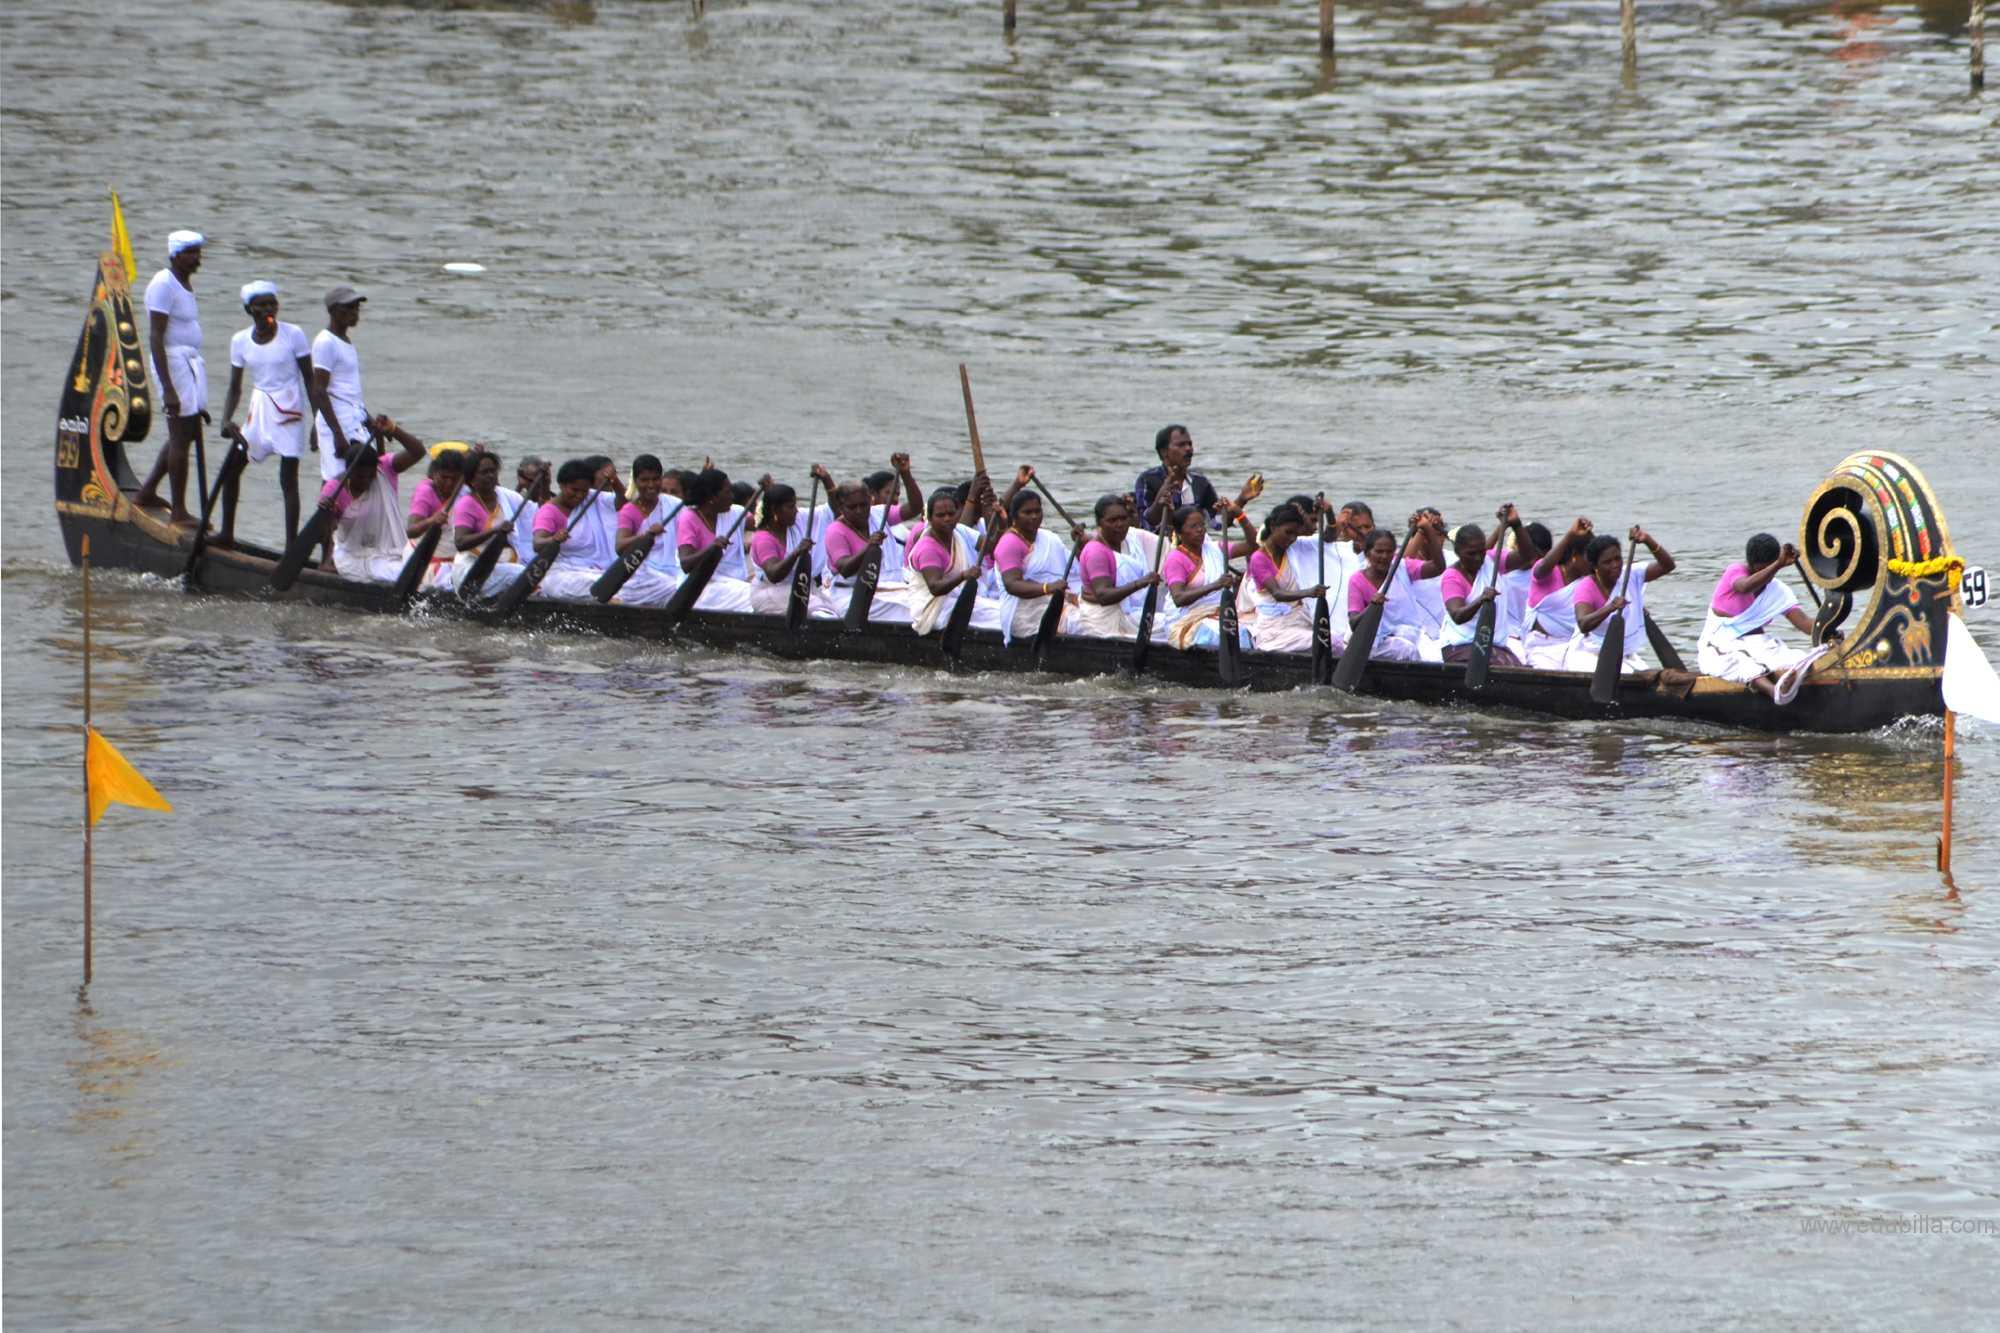 Kandassankadavu Boat Race